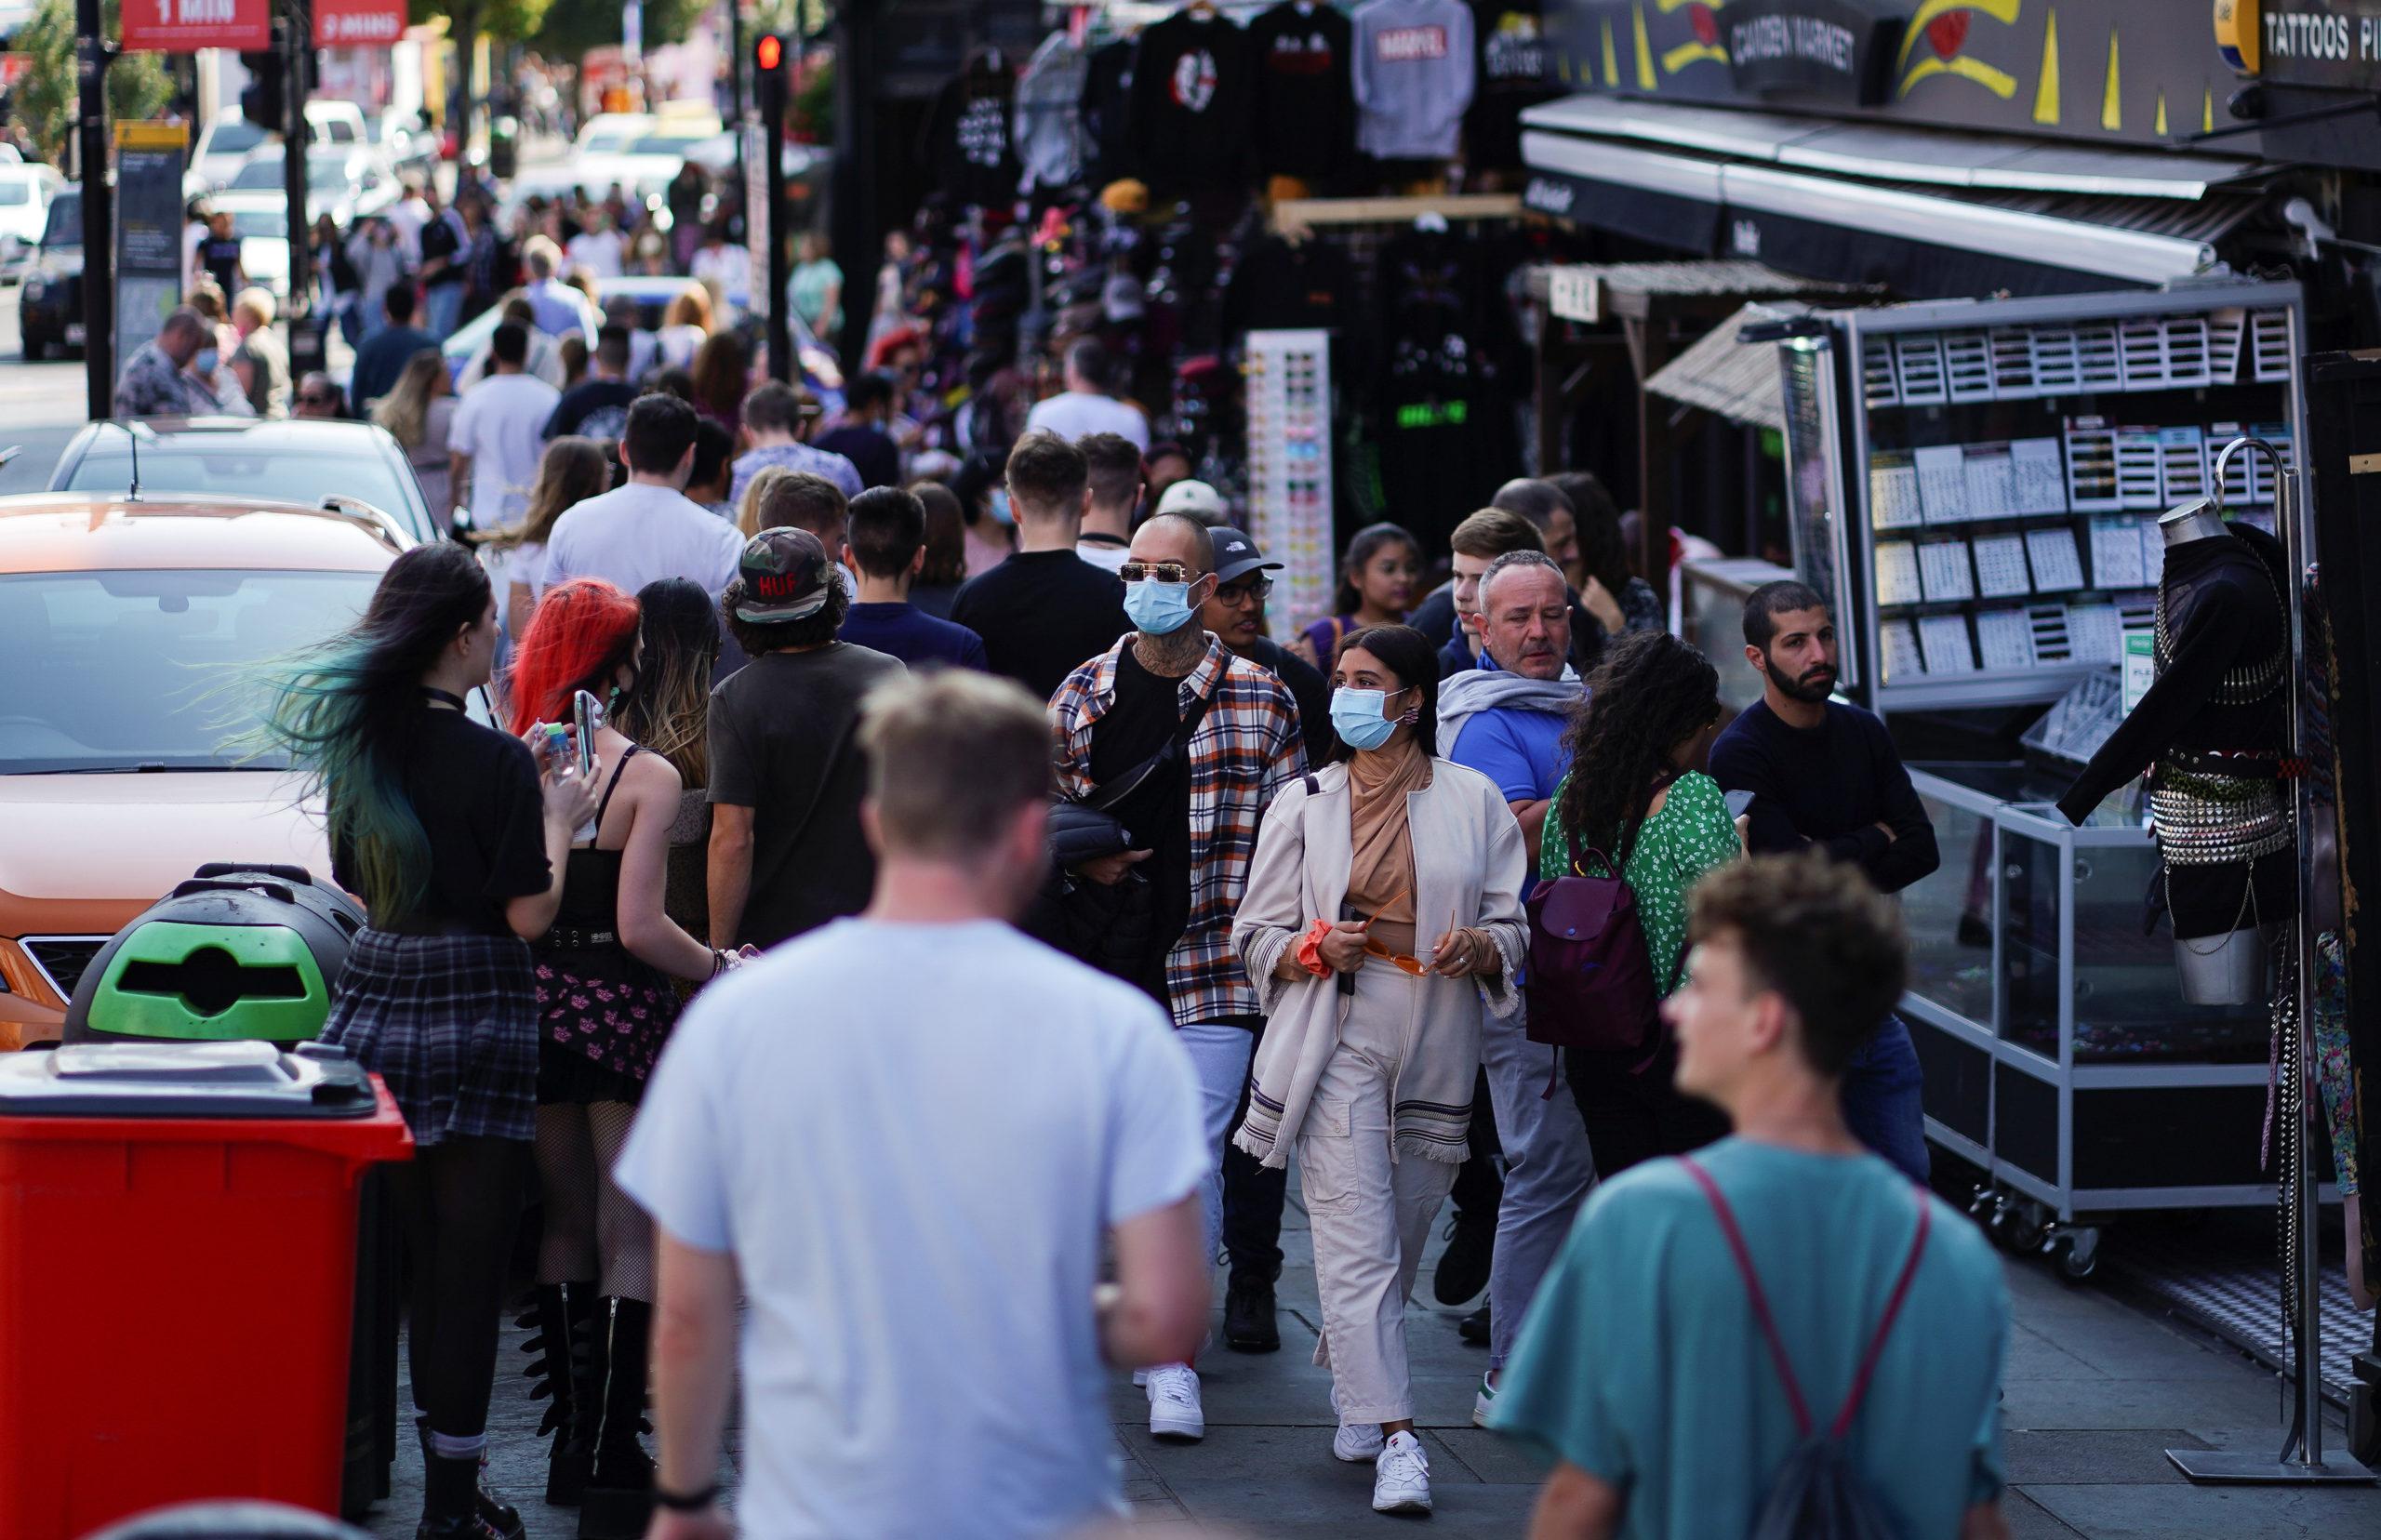 Coronavirus: Hausse des cas au Royaume-Uni menacé d'un nouveau confinement